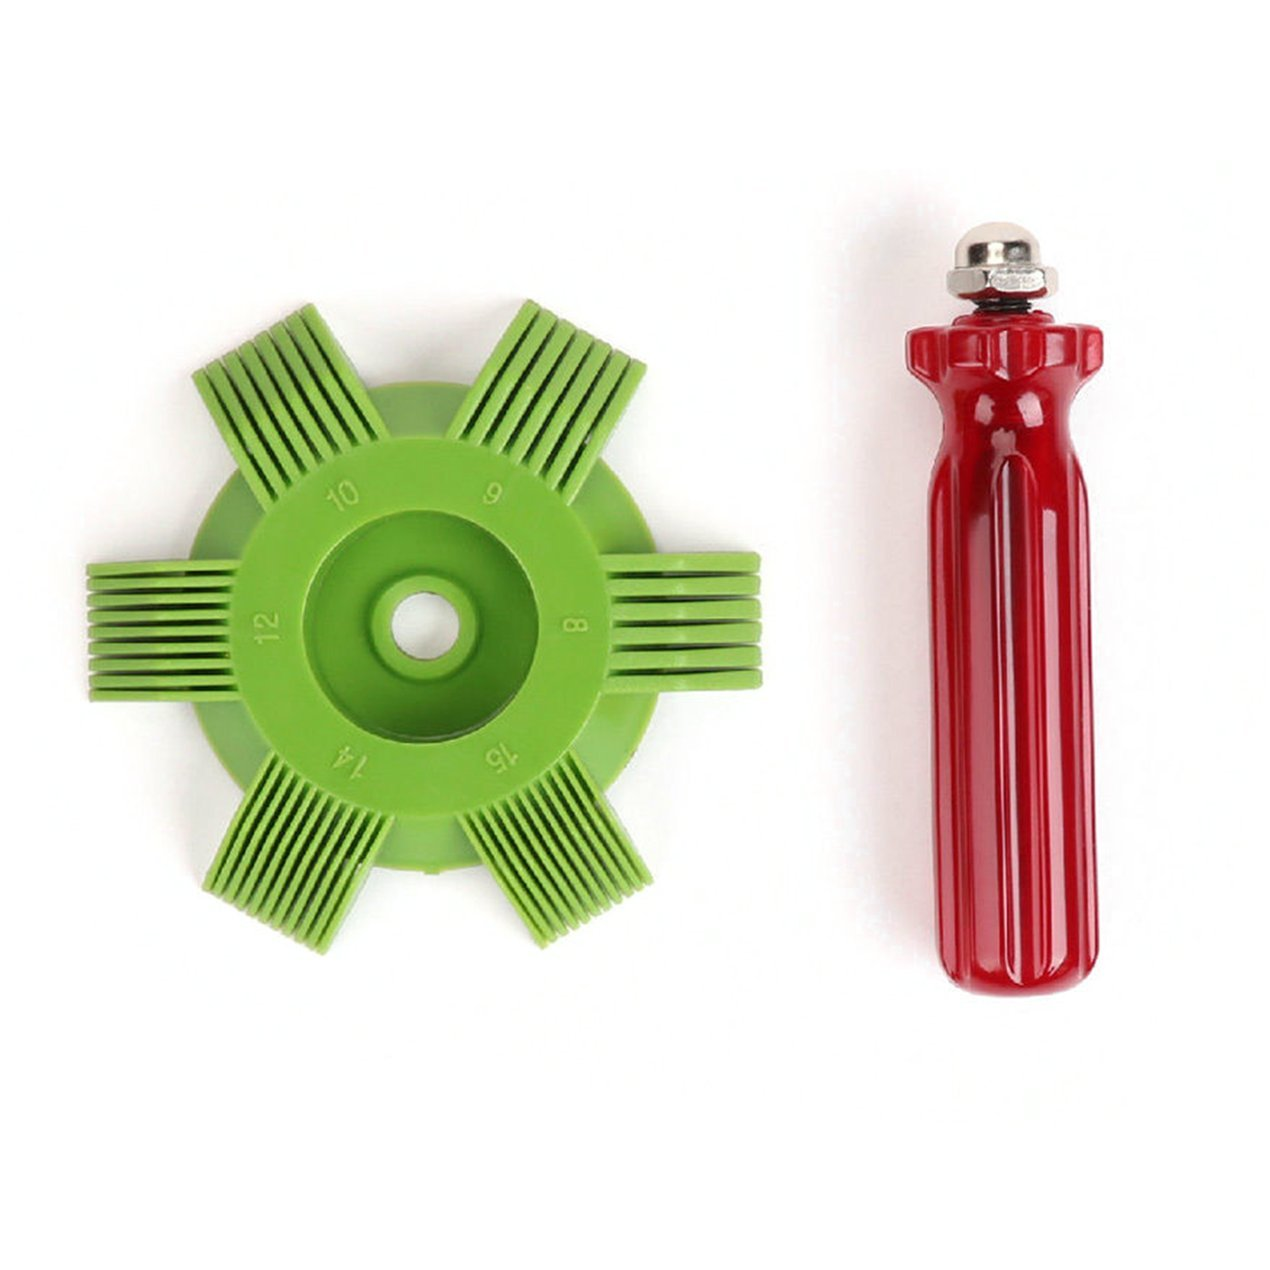 Coche A/C del radiador del condensador, refrigeració n del serpentí n del evaporador peine, para la herramienta de Auto Sistema de refrigeració n refrigeración del serpentín del evaporador peine Dooret